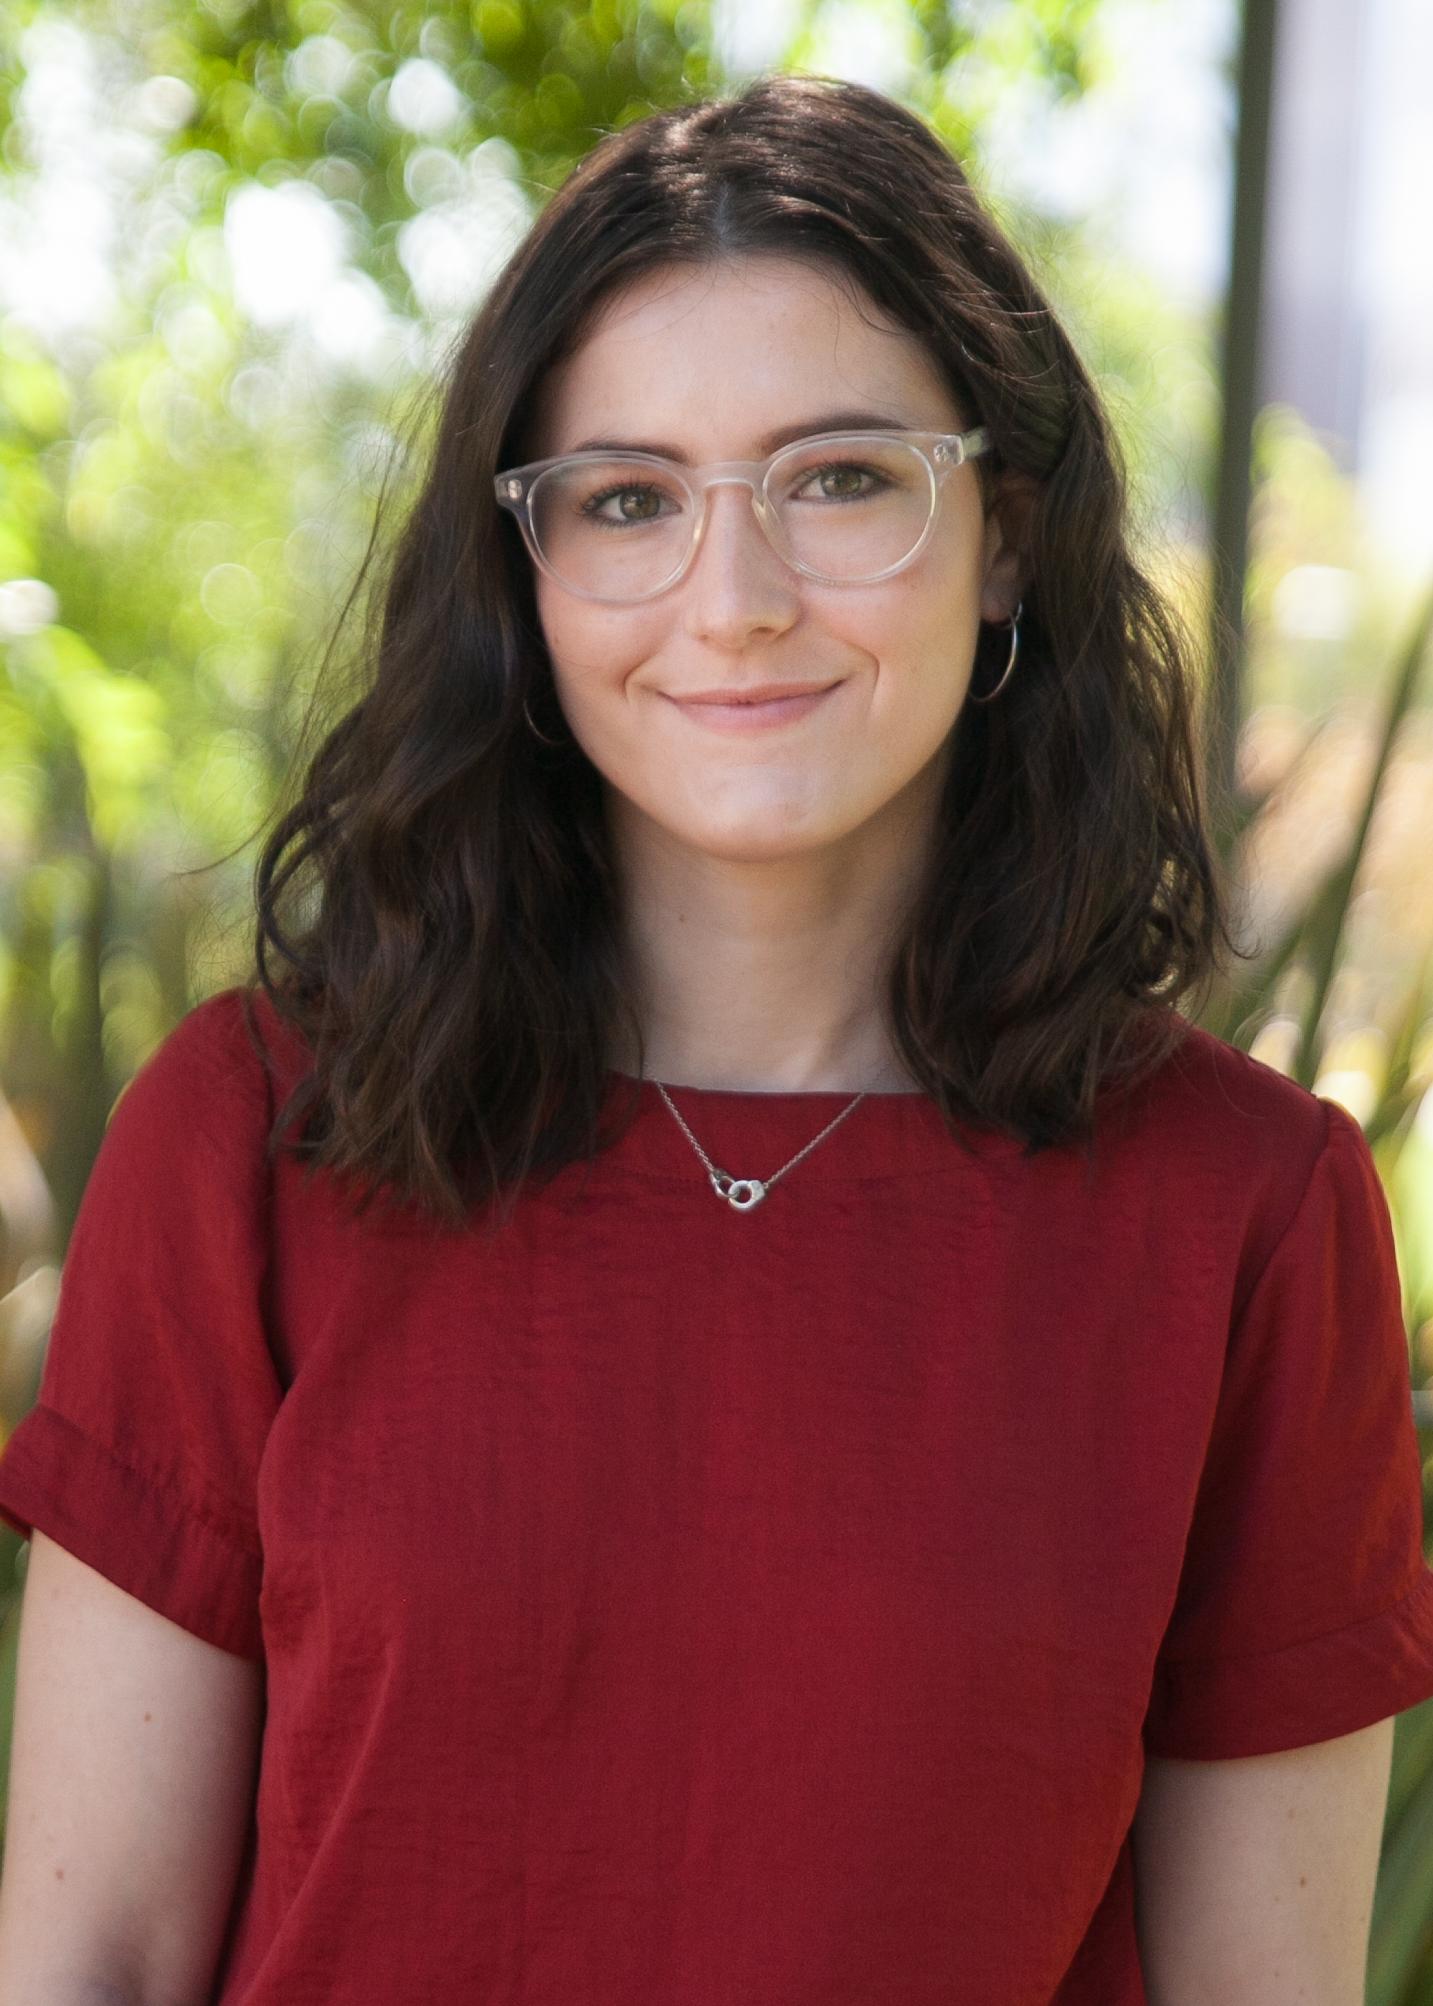 Kira Feldman